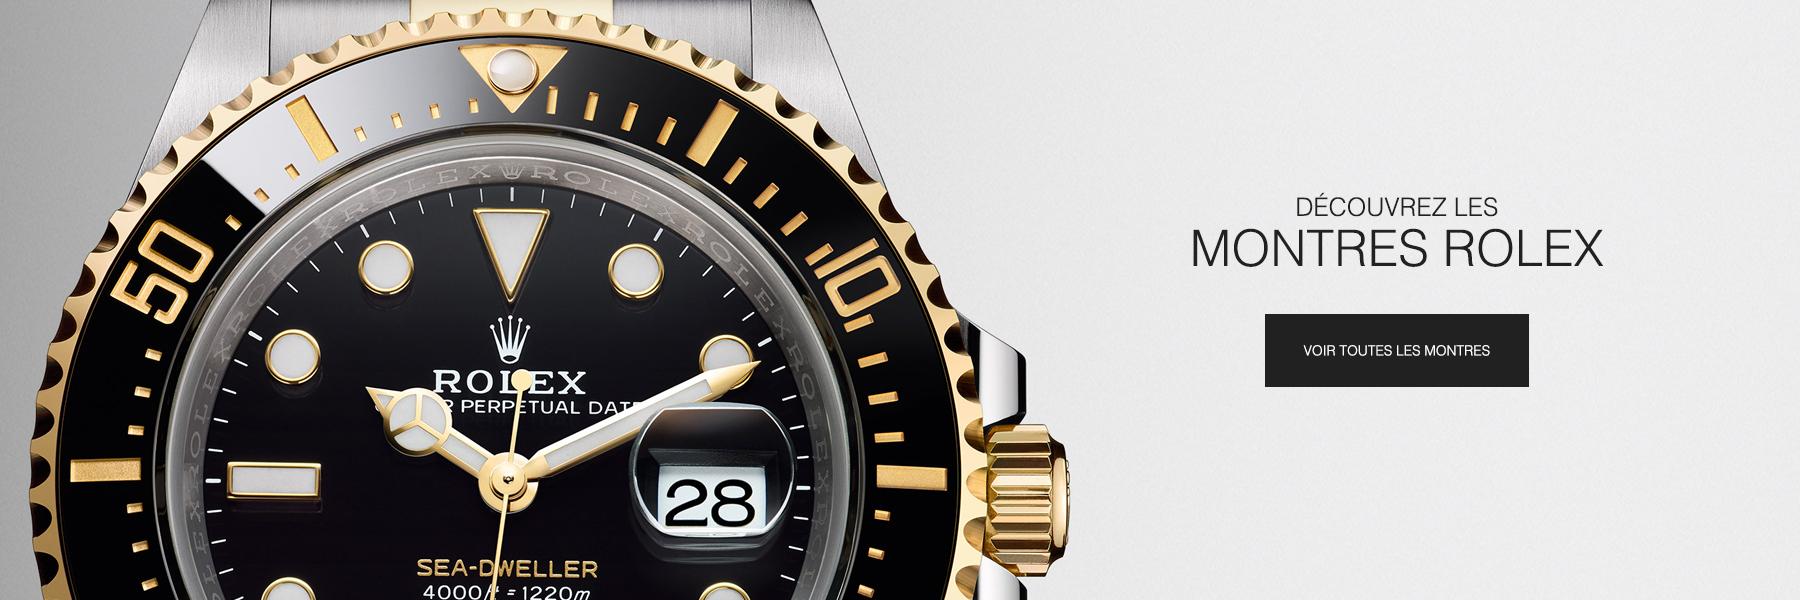 Découvrez les montres Rolex